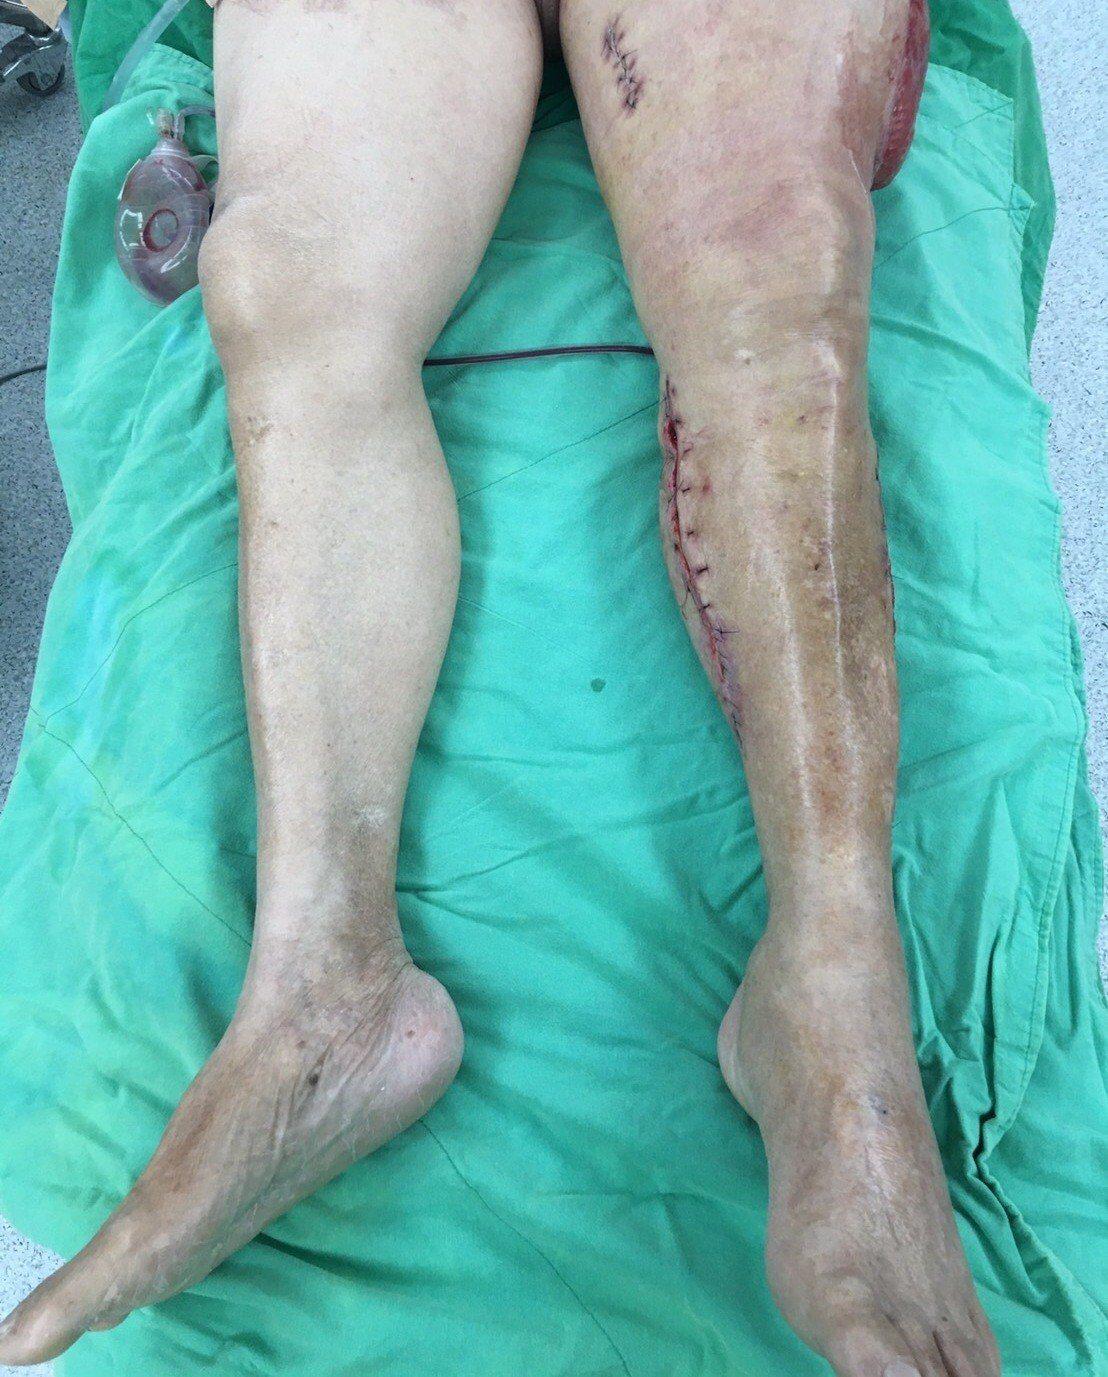 經救治後,左下肢慢慢恢復正常血色。圖/高醫提供